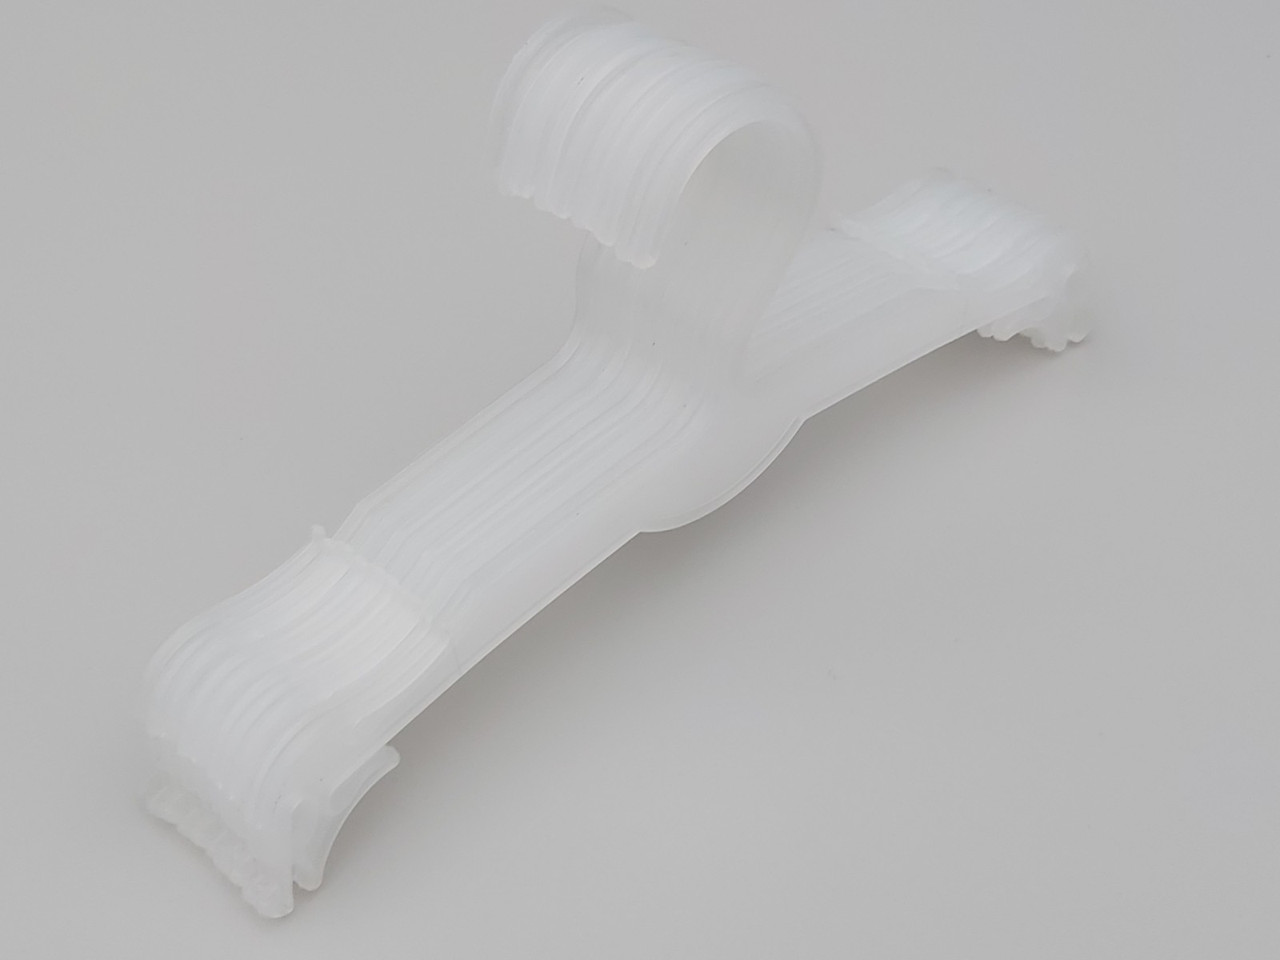 Плечики вешалки пластмассовые для нижнего белья V-N27pp матовые, 27 см, 10 штук в упаковке